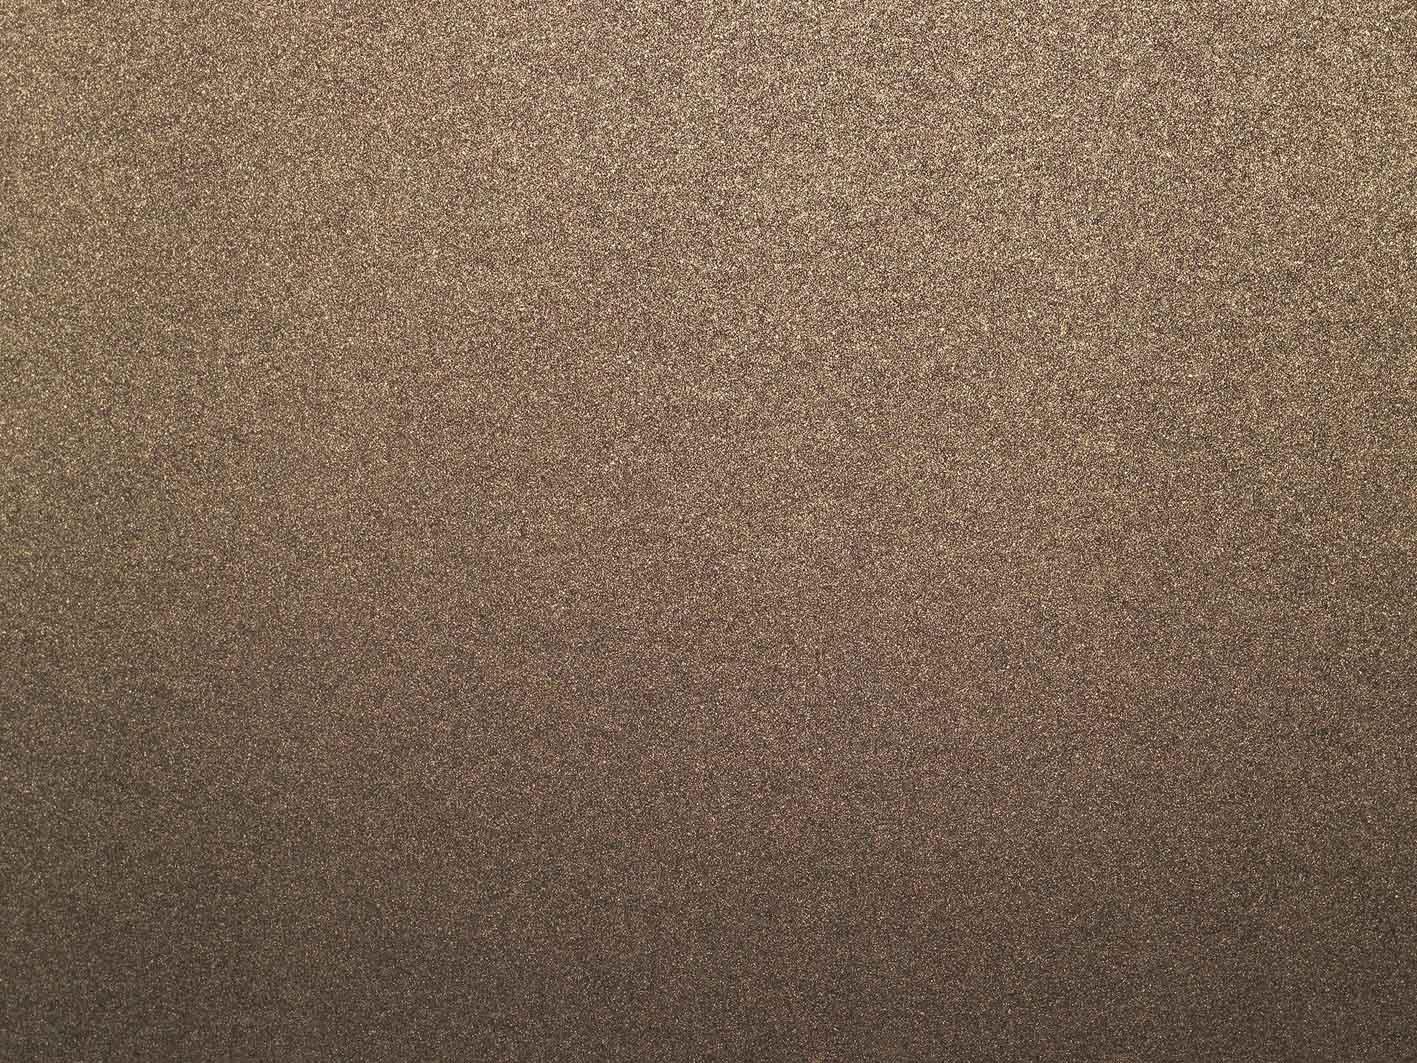 Pearlescent - Bronze 120gsm